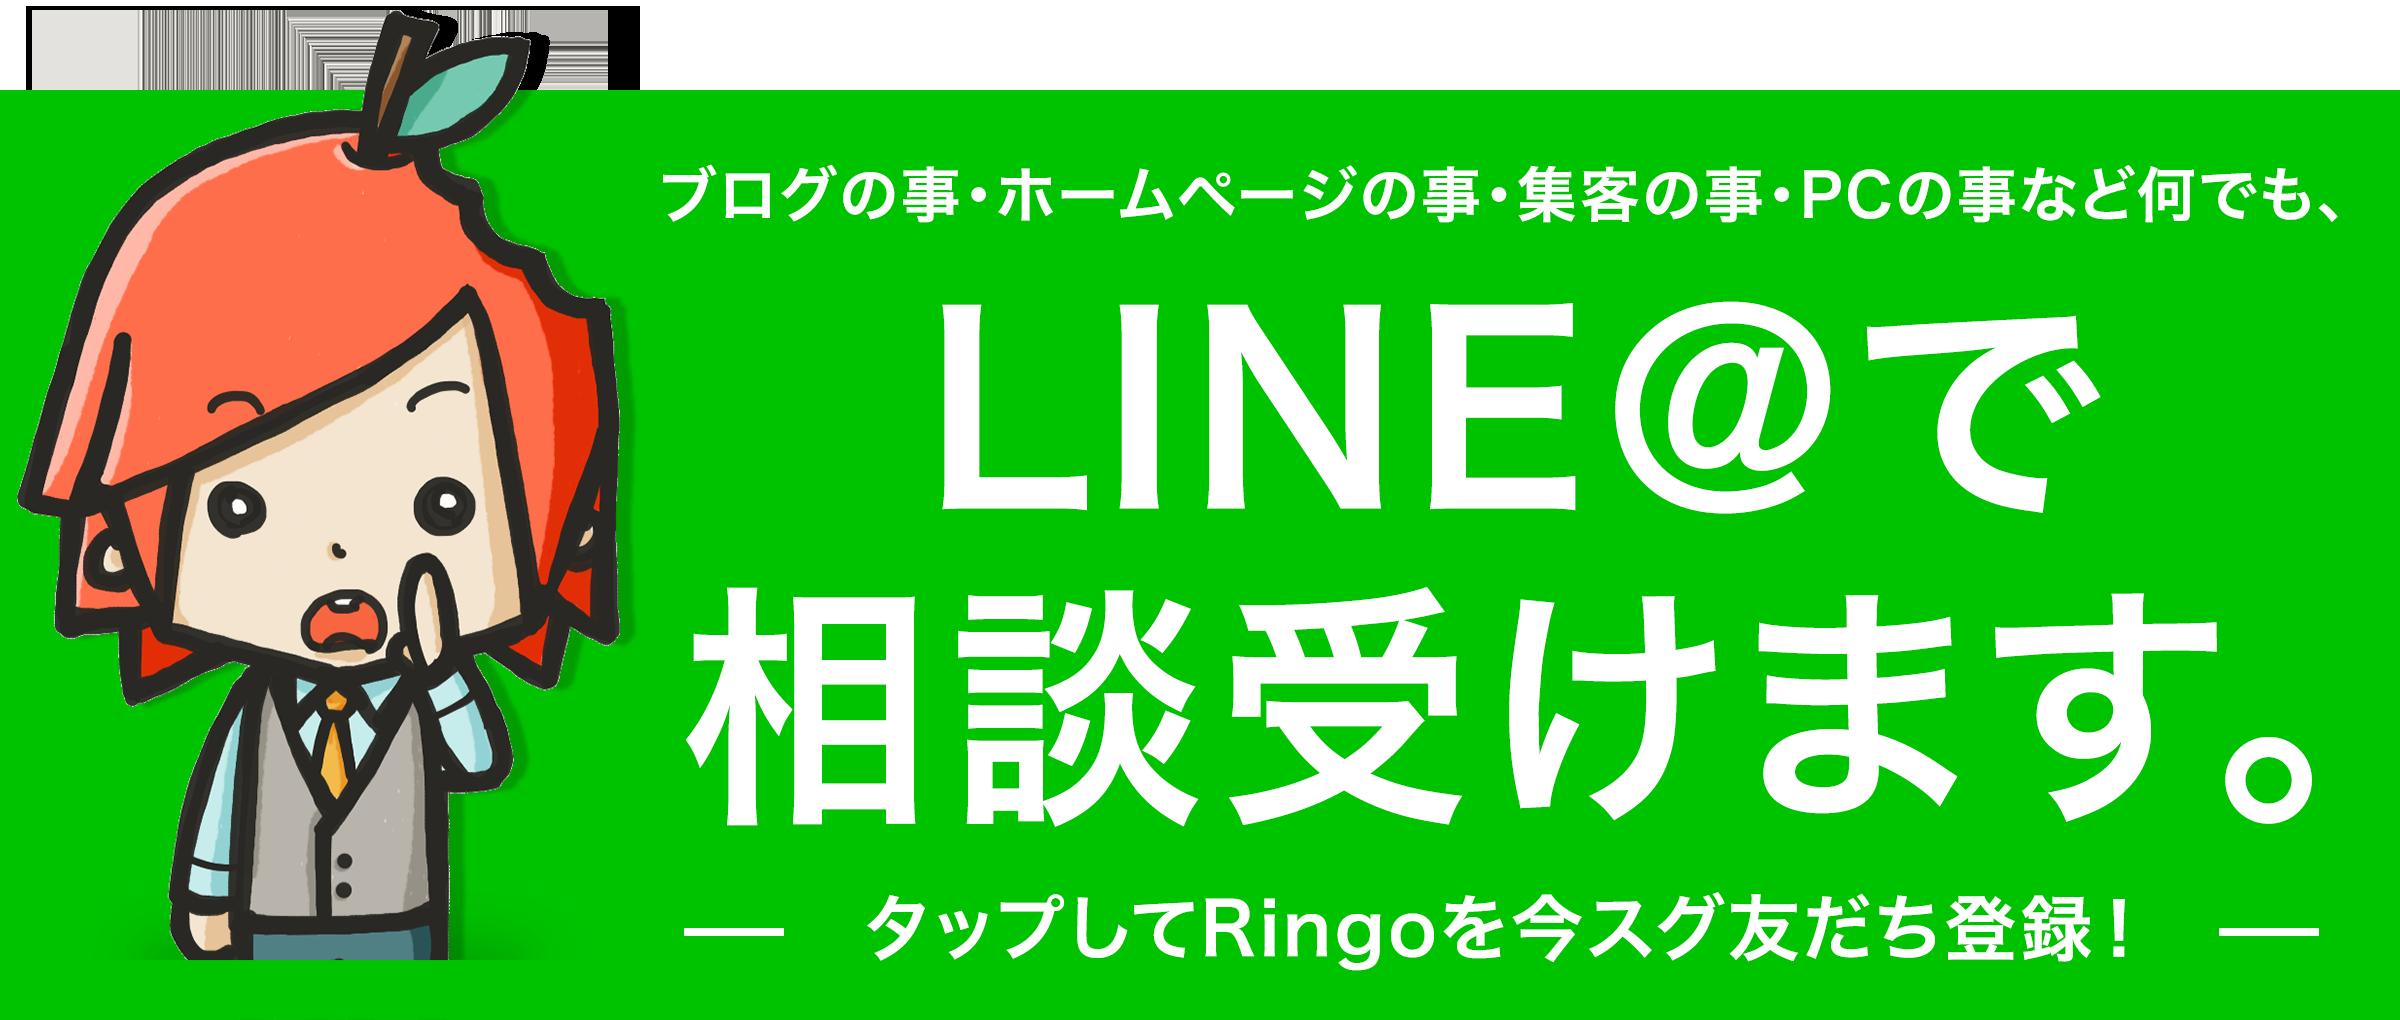 RingoのLINE@に登録して、いつでもどこでも何でも即相談